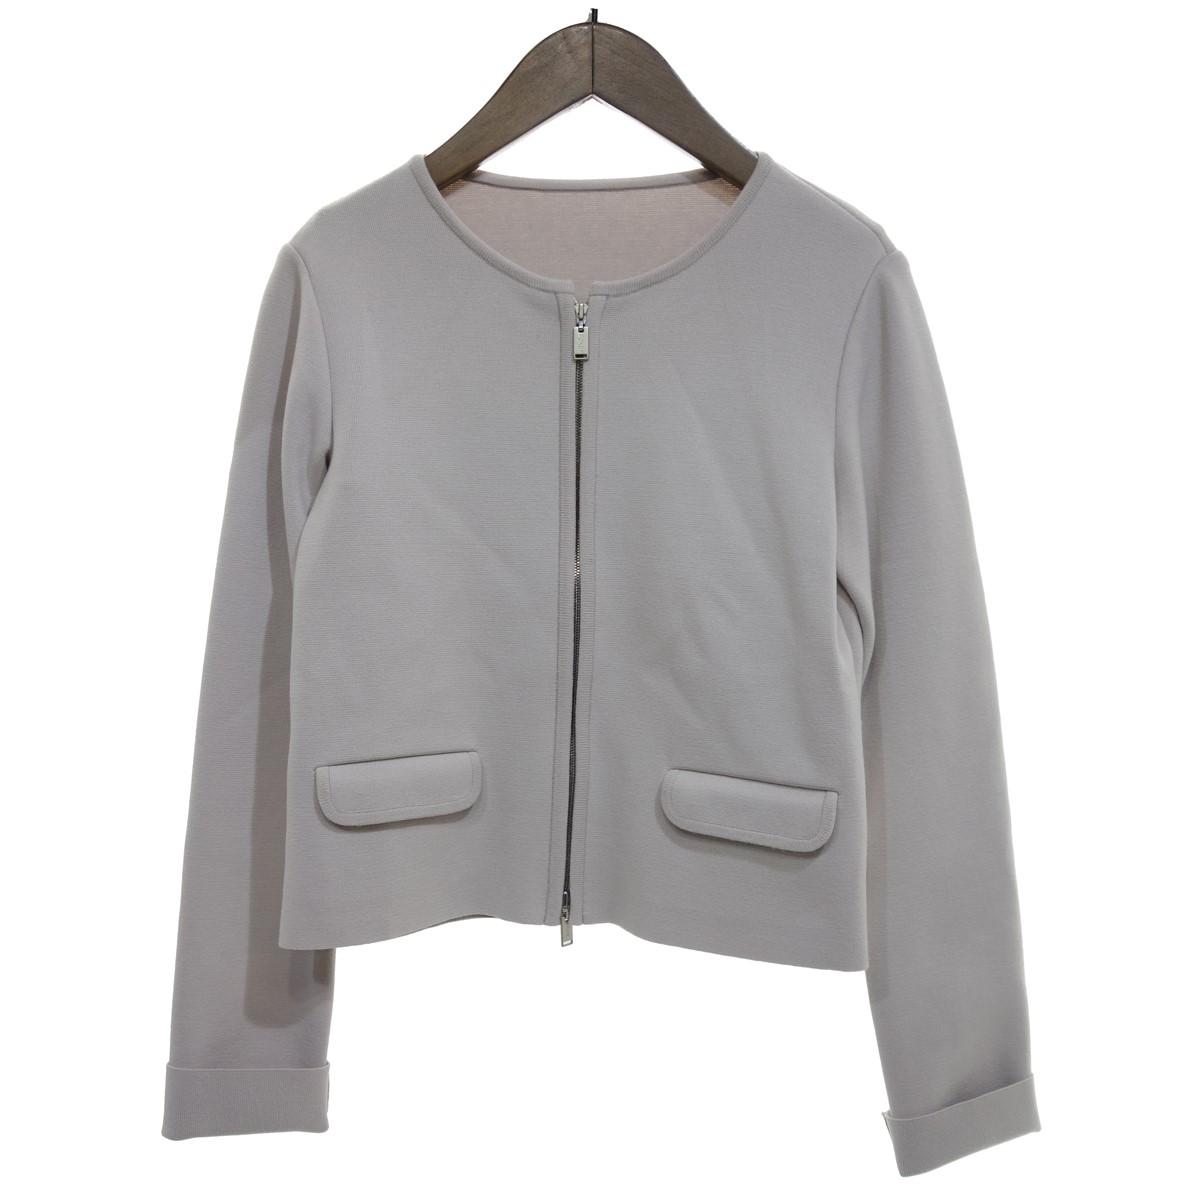 【中古】FOXEY 【AD2018】knit Jacket Urban Standard ジャケット ナチュラル サイズ:38 【220420】(フォクシー)